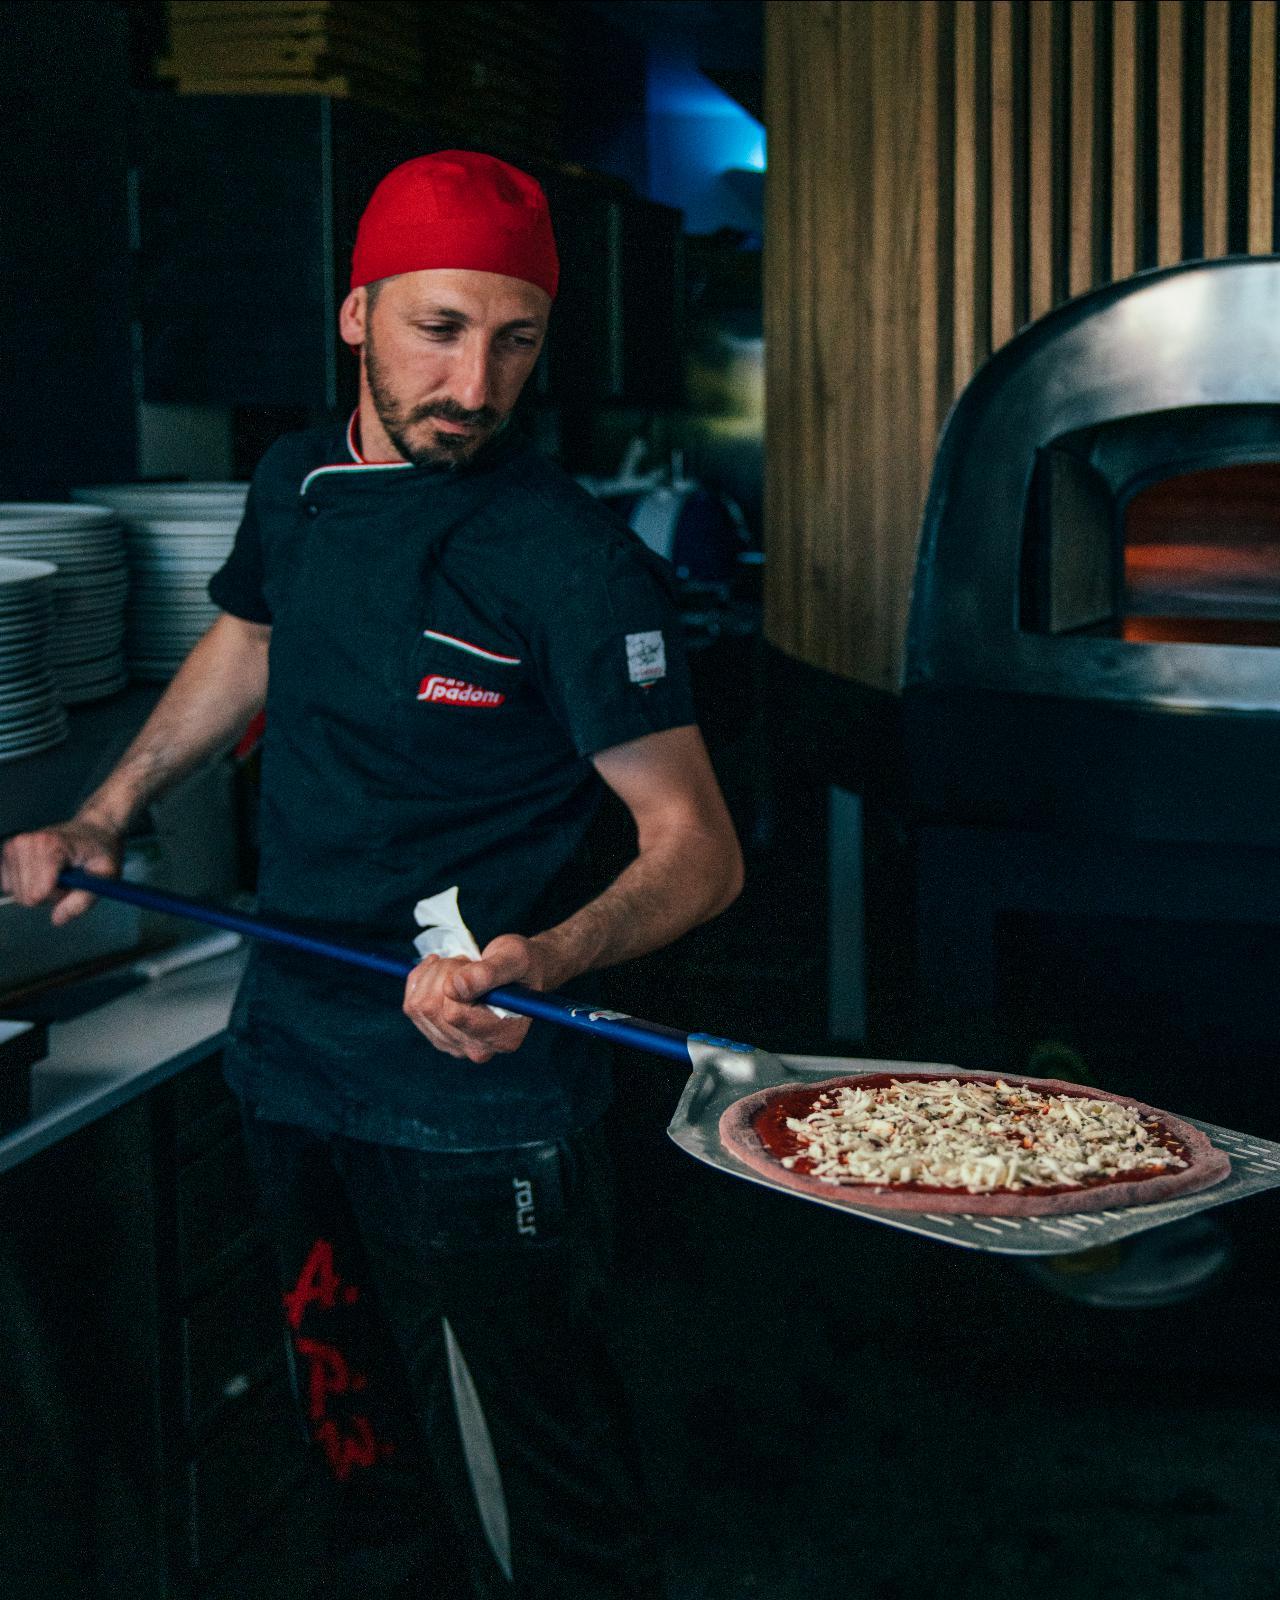 Pizzas de Chakall chegam ao Parque das Nações